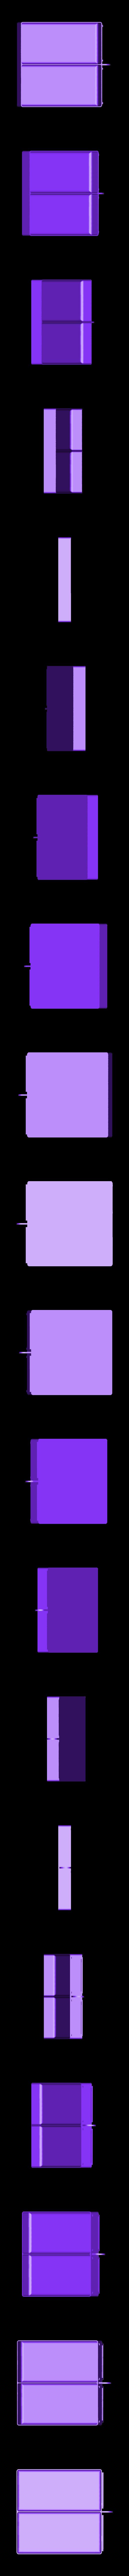 6.stl Télécharger fichier STL gratuit boîte de rangement • Design pour imprimante 3D, 1001thing3d